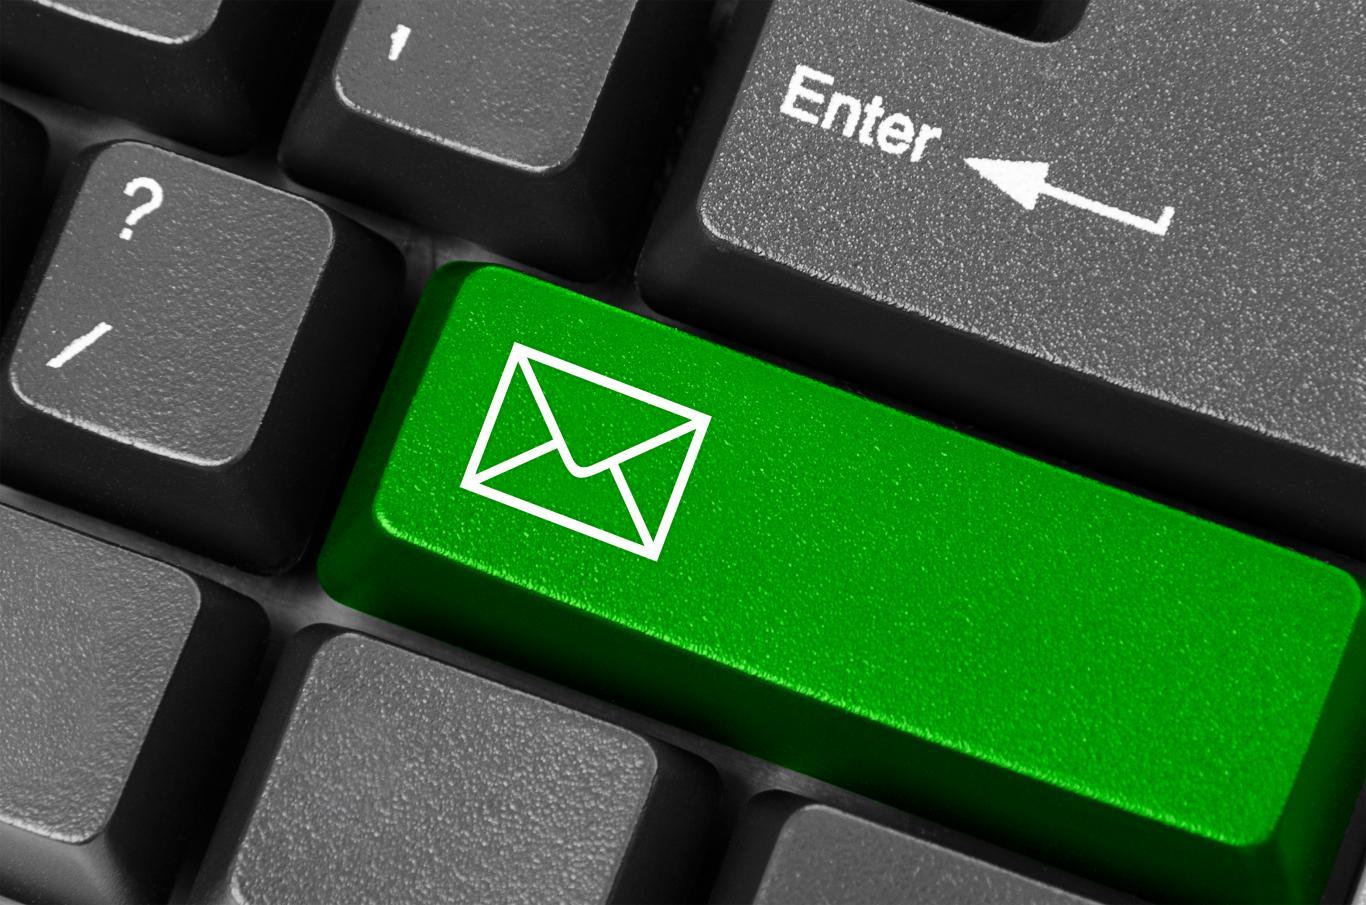 Imagen de correo en teclado